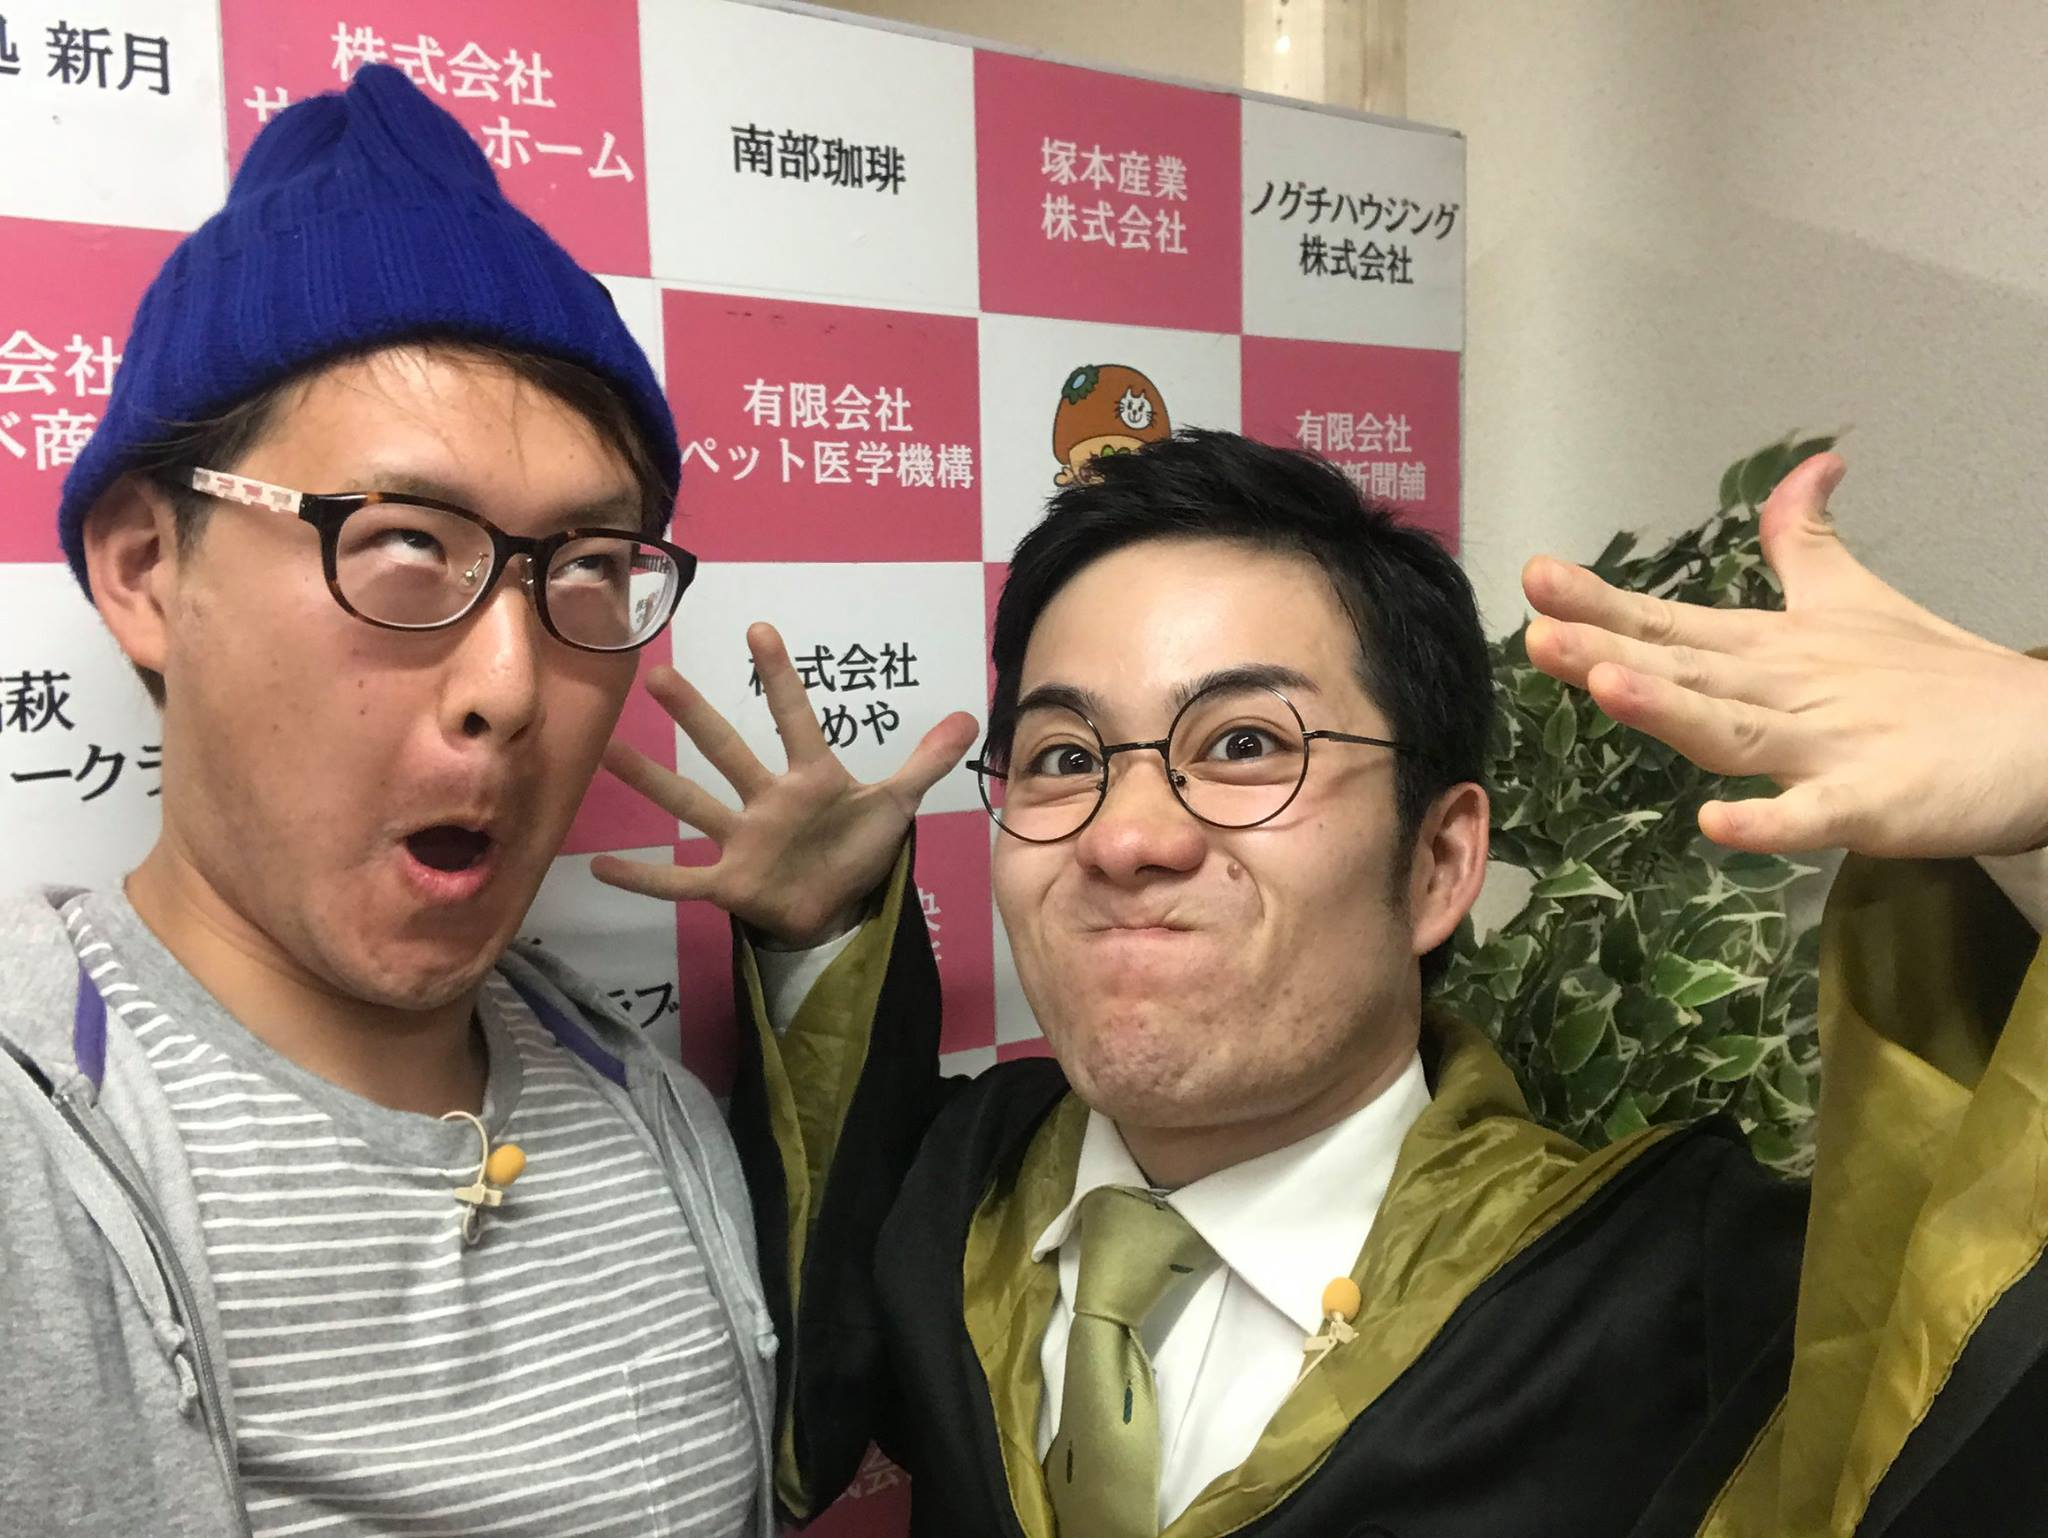 [2017/6/13] ♡夕暮れモーモー #44♡